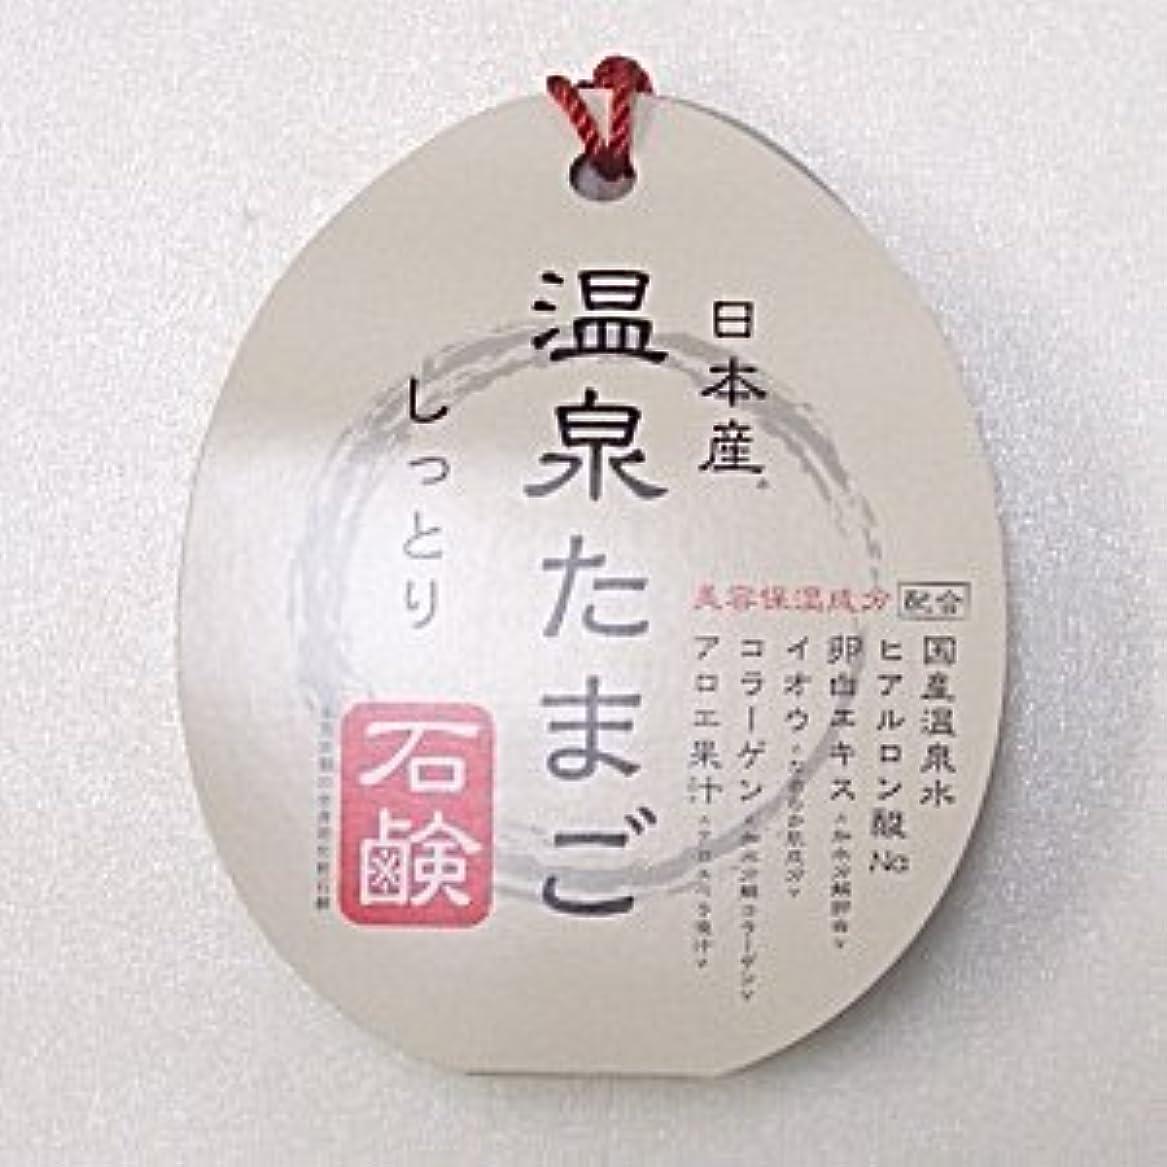 ピクニックをする却下する電話に出る日本産 温泉たまご石鹸 しっとりタイプ 75g